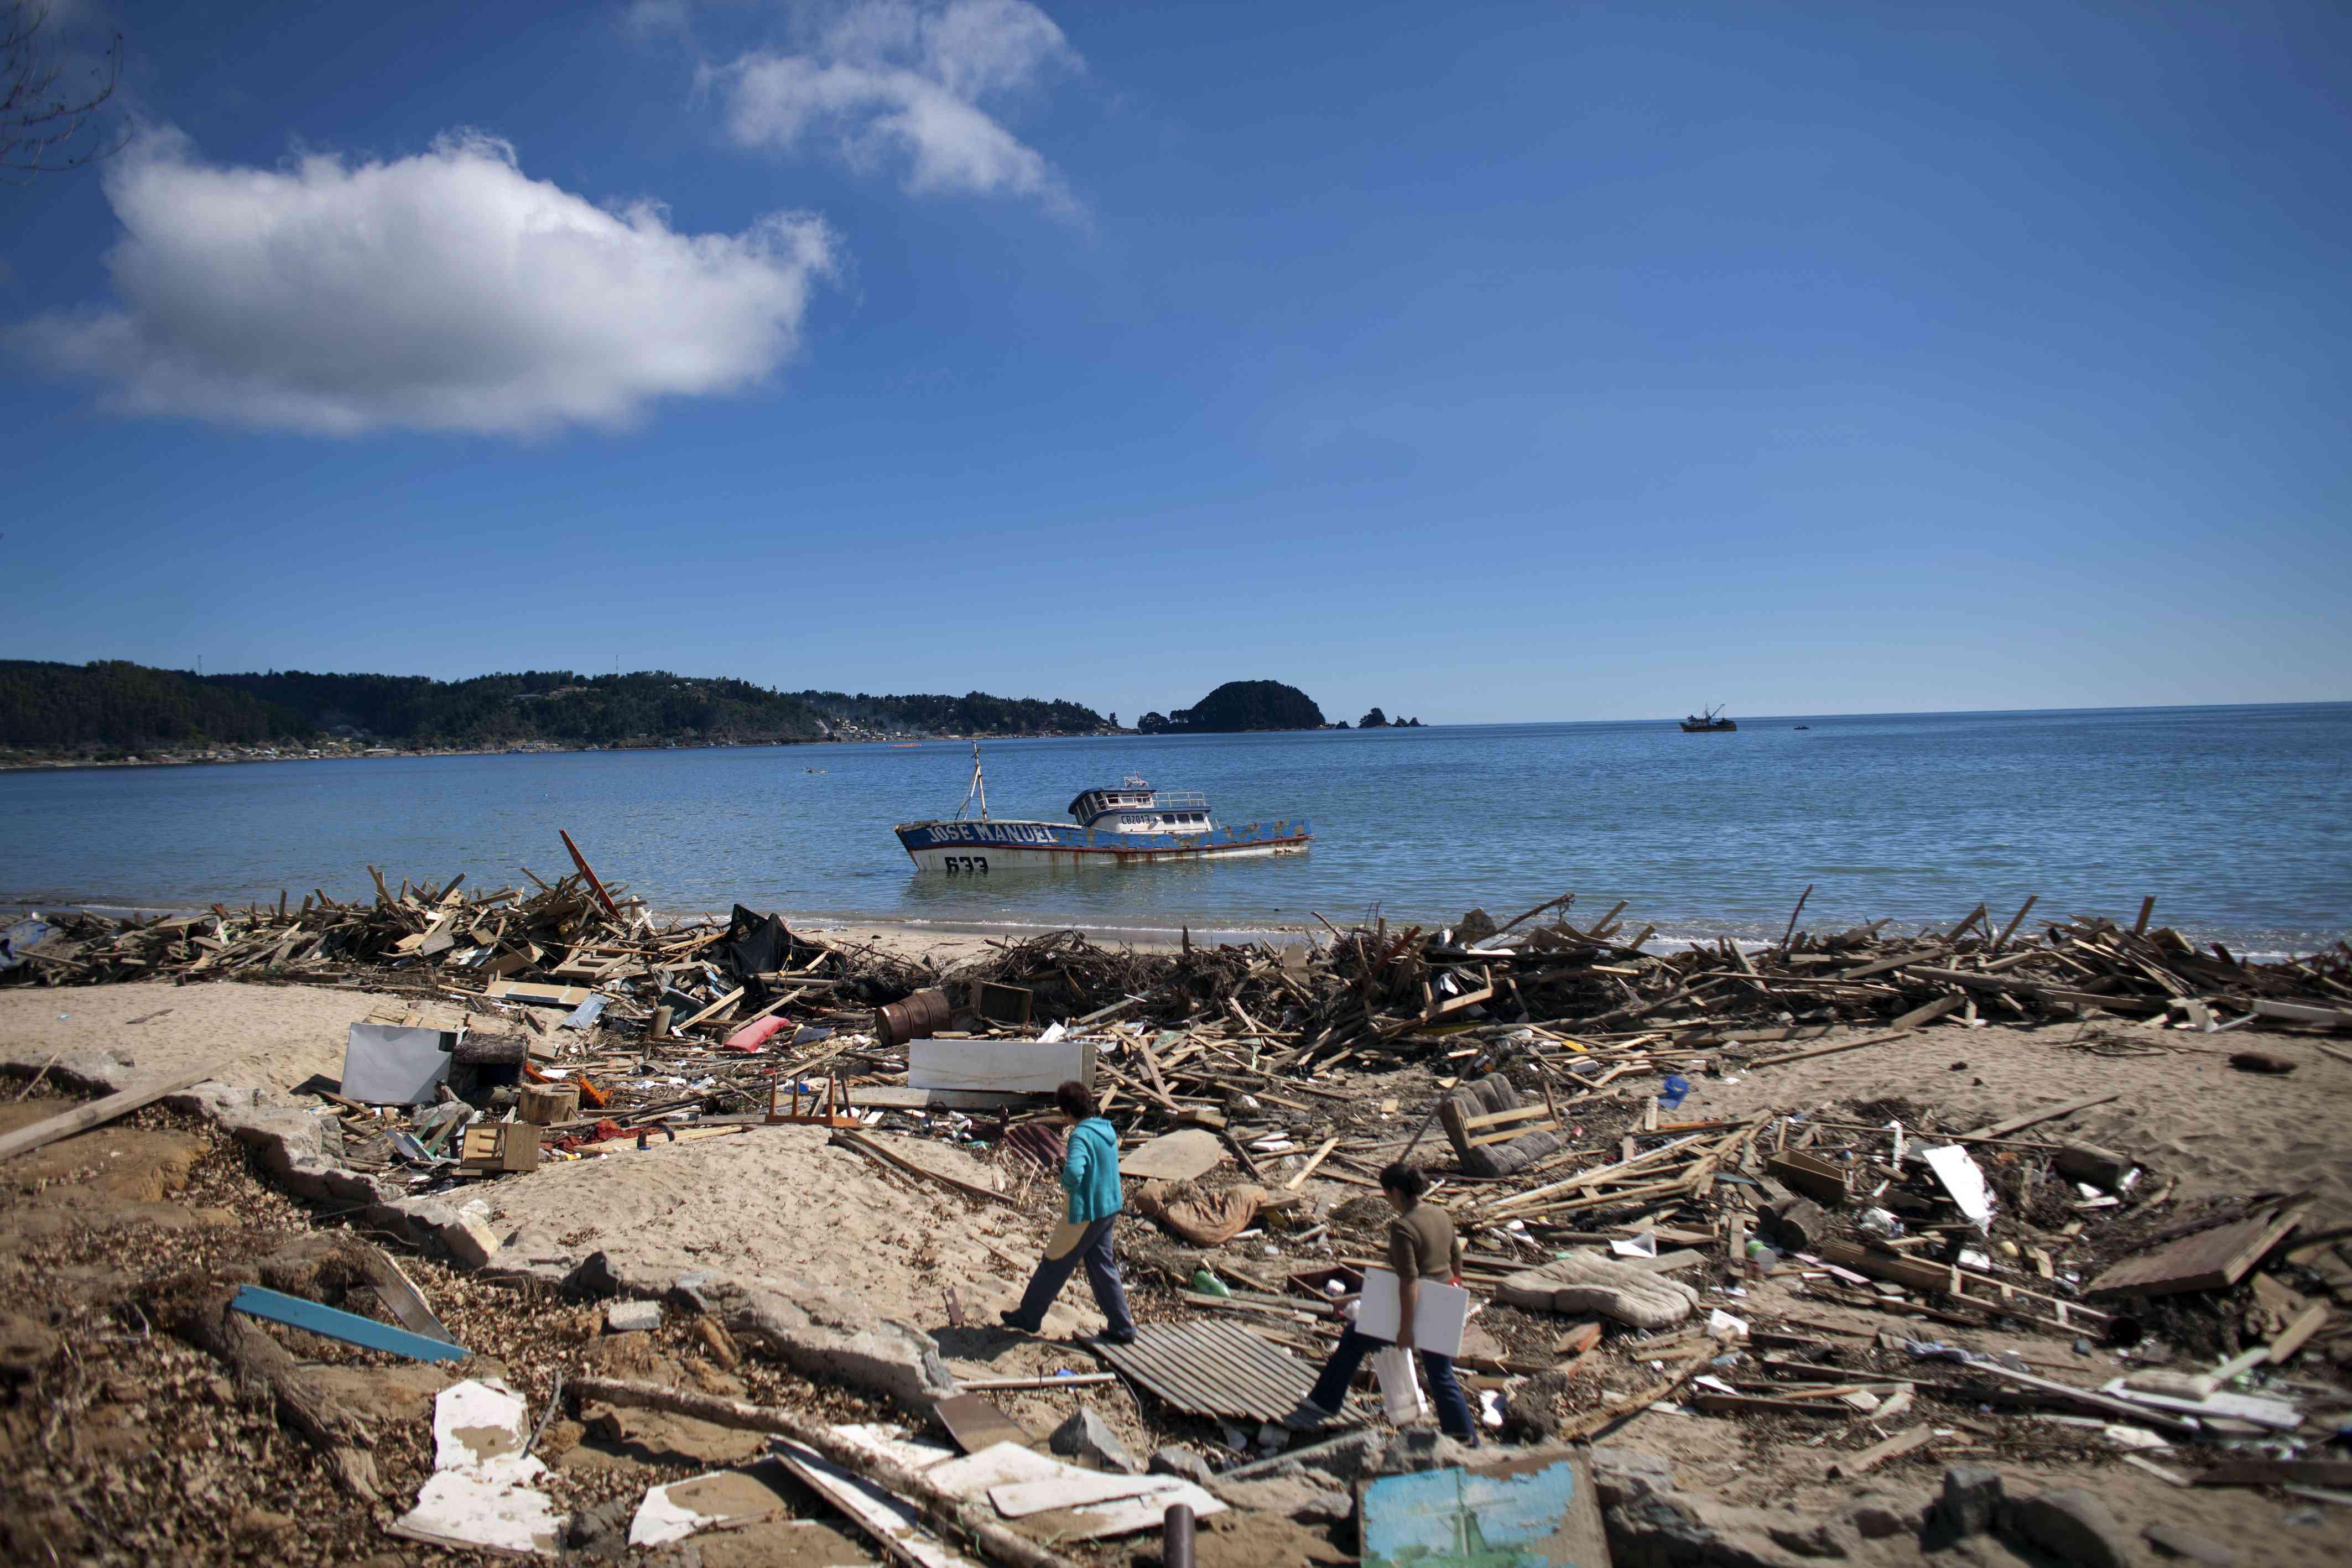 Earthquake aftermath in coastal Chile